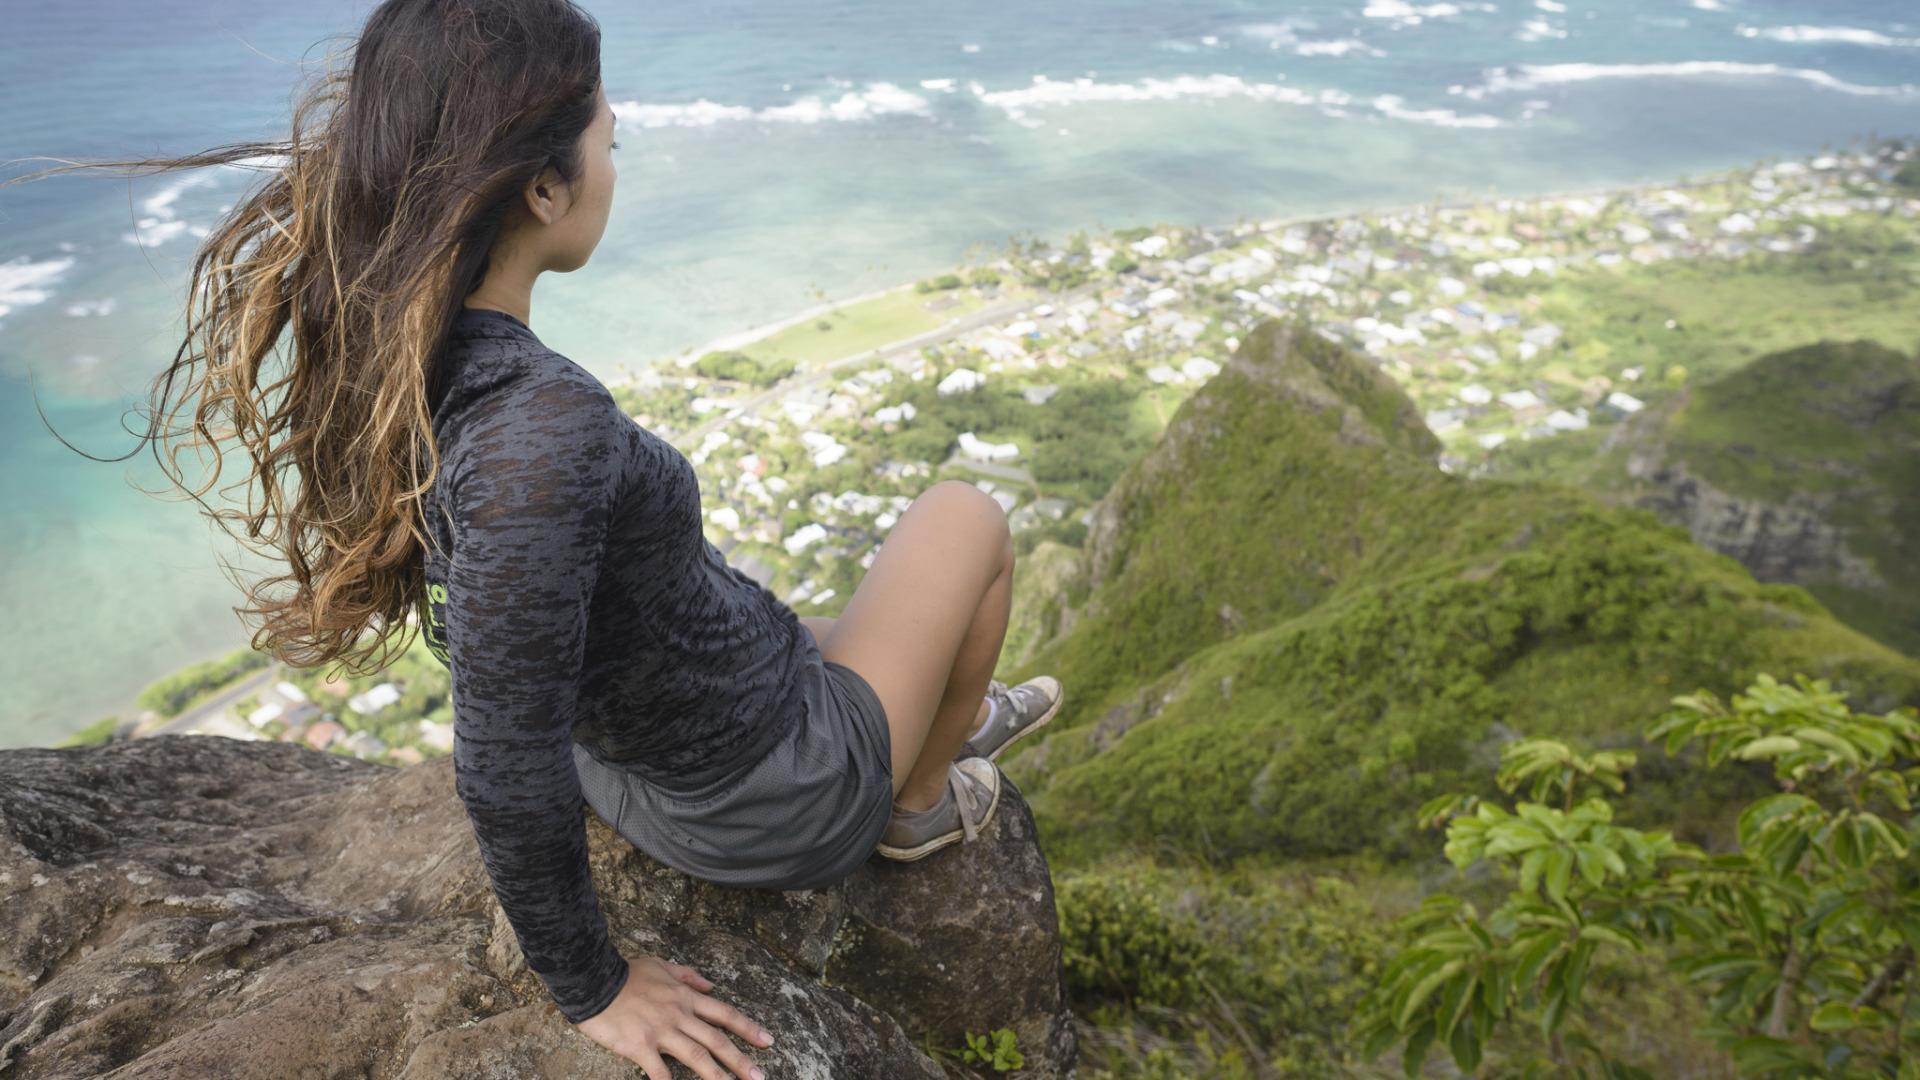 Фото девушки со спины на обрыве